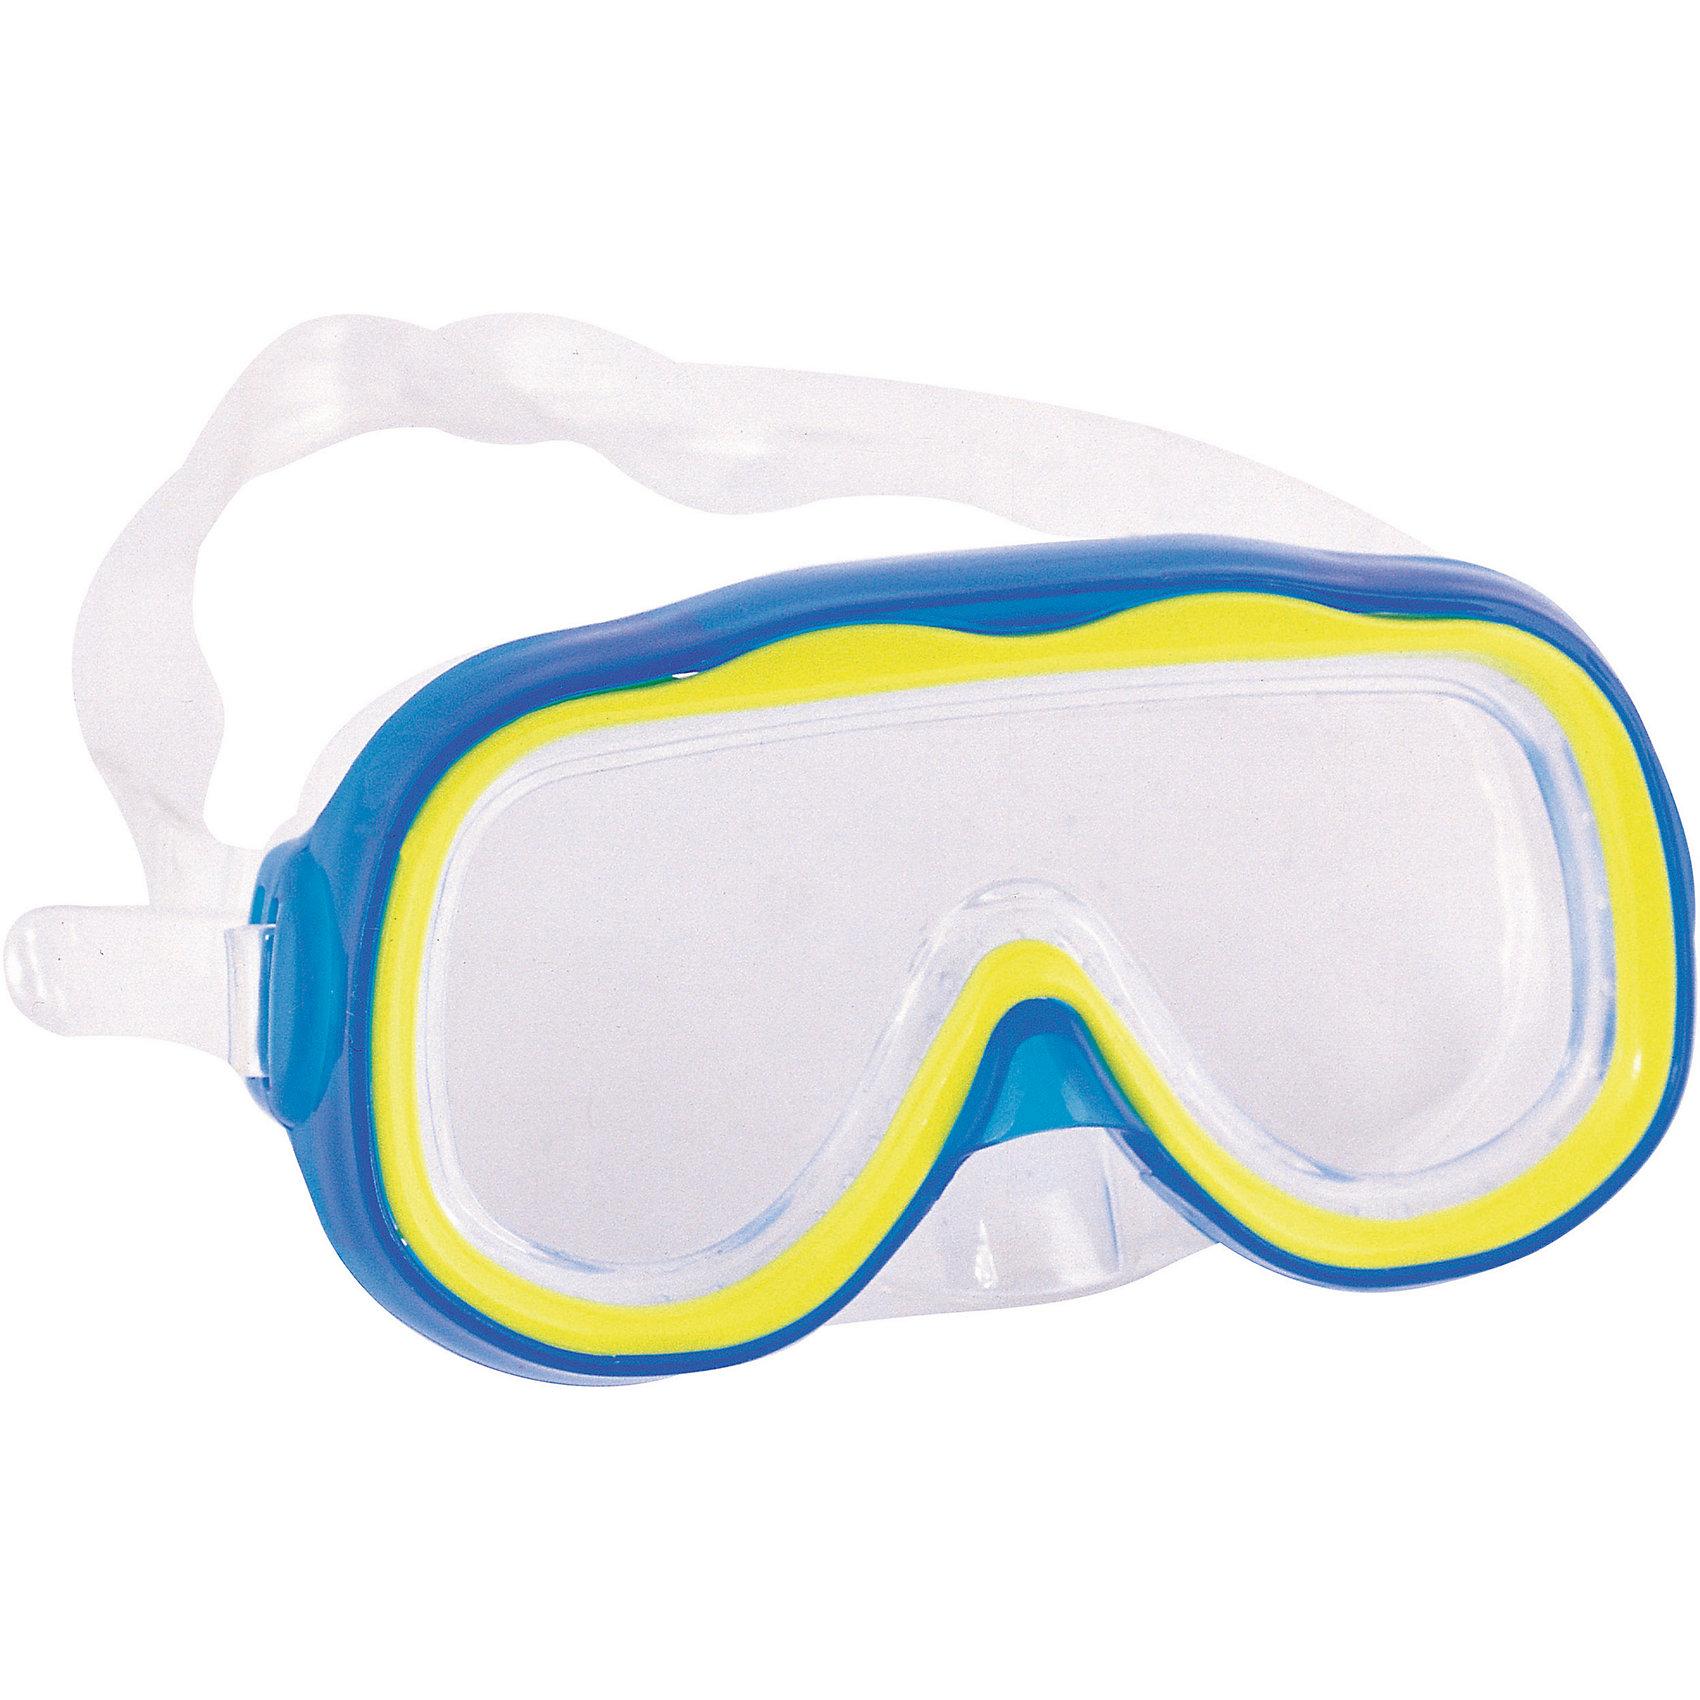 Детская маска для подводного плавания Исследователь, голубая, BestwayОчки, маски, ласты, шапочки<br>Детская маска для подводного плавания Исследователь, голубая, Bestway (Бествей)<br><br>Характеристики:<br><br>• надежно защищает глаза<br>• материал: ударопрочный поликарбонат<br>• уплотнитель: силикон<br>• цвет: голубой<br>• вес: 92грамма<br><br>Детскую маску Исследователь можно использовать для подводного плавания и игр в воде. Маска изготовлена из ударопрочного поликарбоната с уплотнителем из силикона. Она плотно прилегает к голове, надежно защищая глаза от воды. Ремешок регулируется по окружности головы ребенка. С маской для плавания изучать подводный мир еще интереснее!<br><br>Детская маска для подводного плавания Исследователь, голубая, Bestway (Бествей) вы можете купить в нашем интернет-магазине.<br><br>Ширина мм: 430<br>Глубина мм: 365<br>Высота мм: 220<br>Вес г: 92<br>Возраст от месяцев: 36<br>Возраст до месяцев: 72<br>Пол: Унисекс<br>Возраст: Детский<br>SKU: 5486984